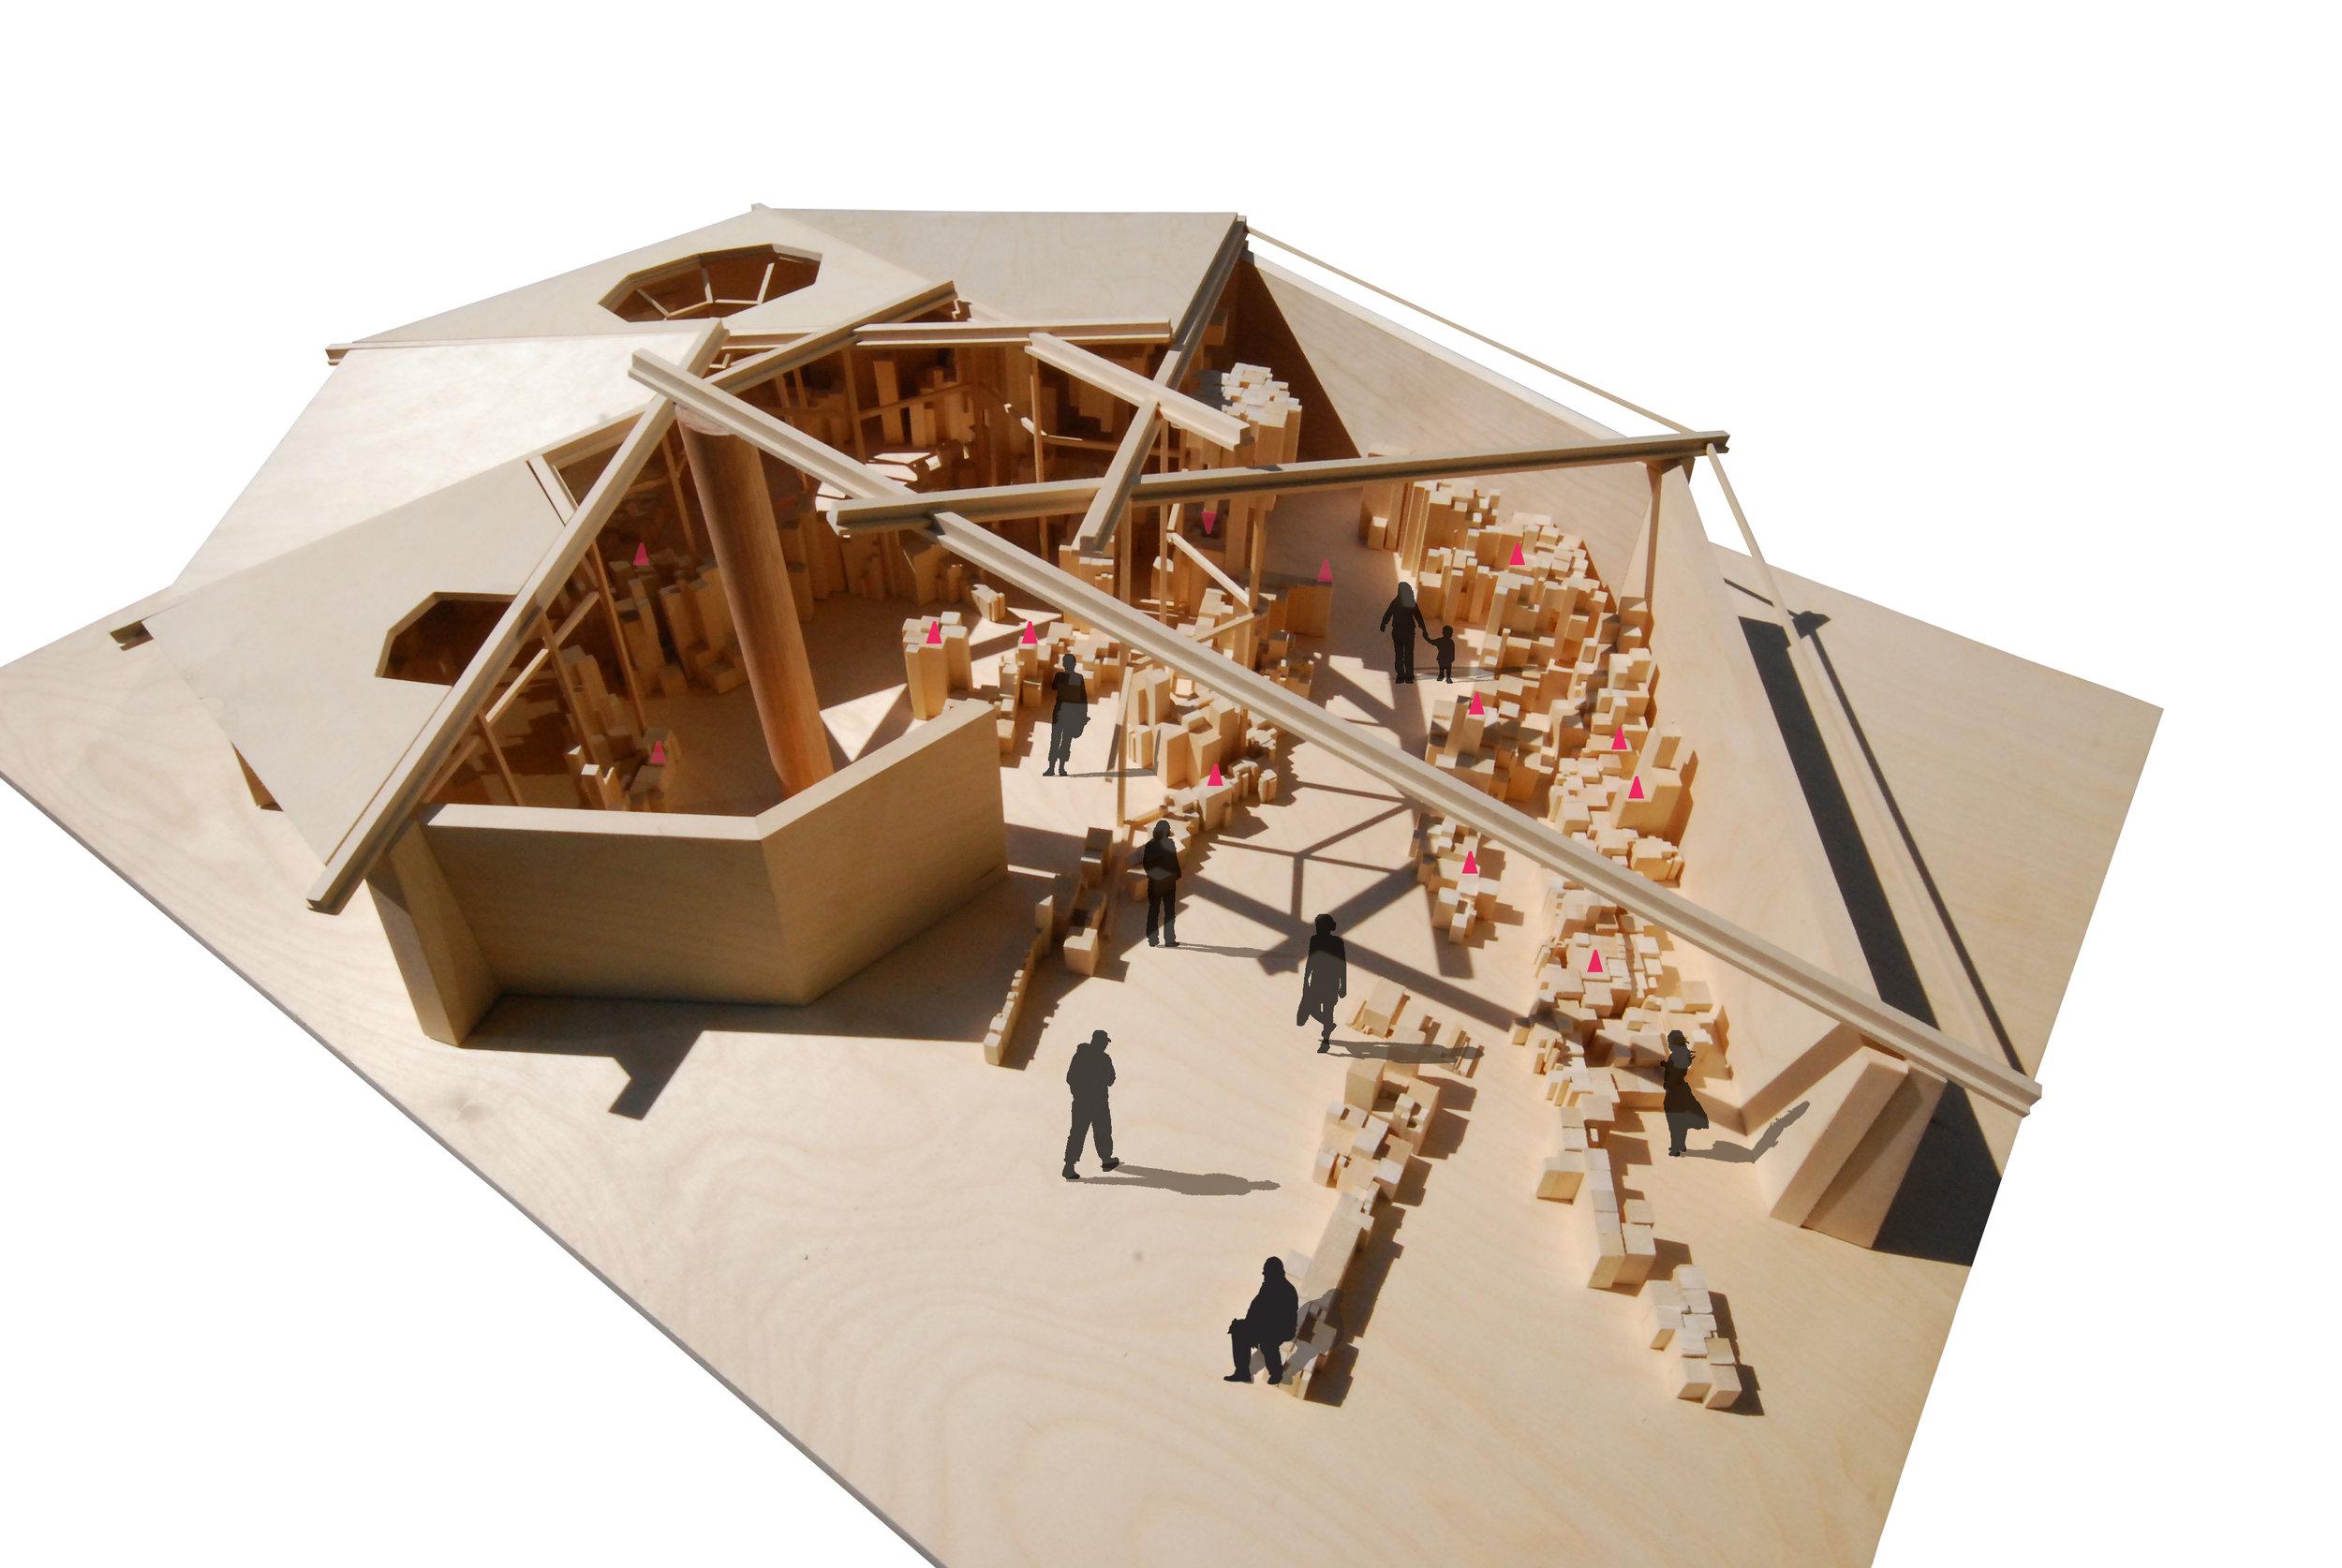 ML_2-pavilionmodel.jpg